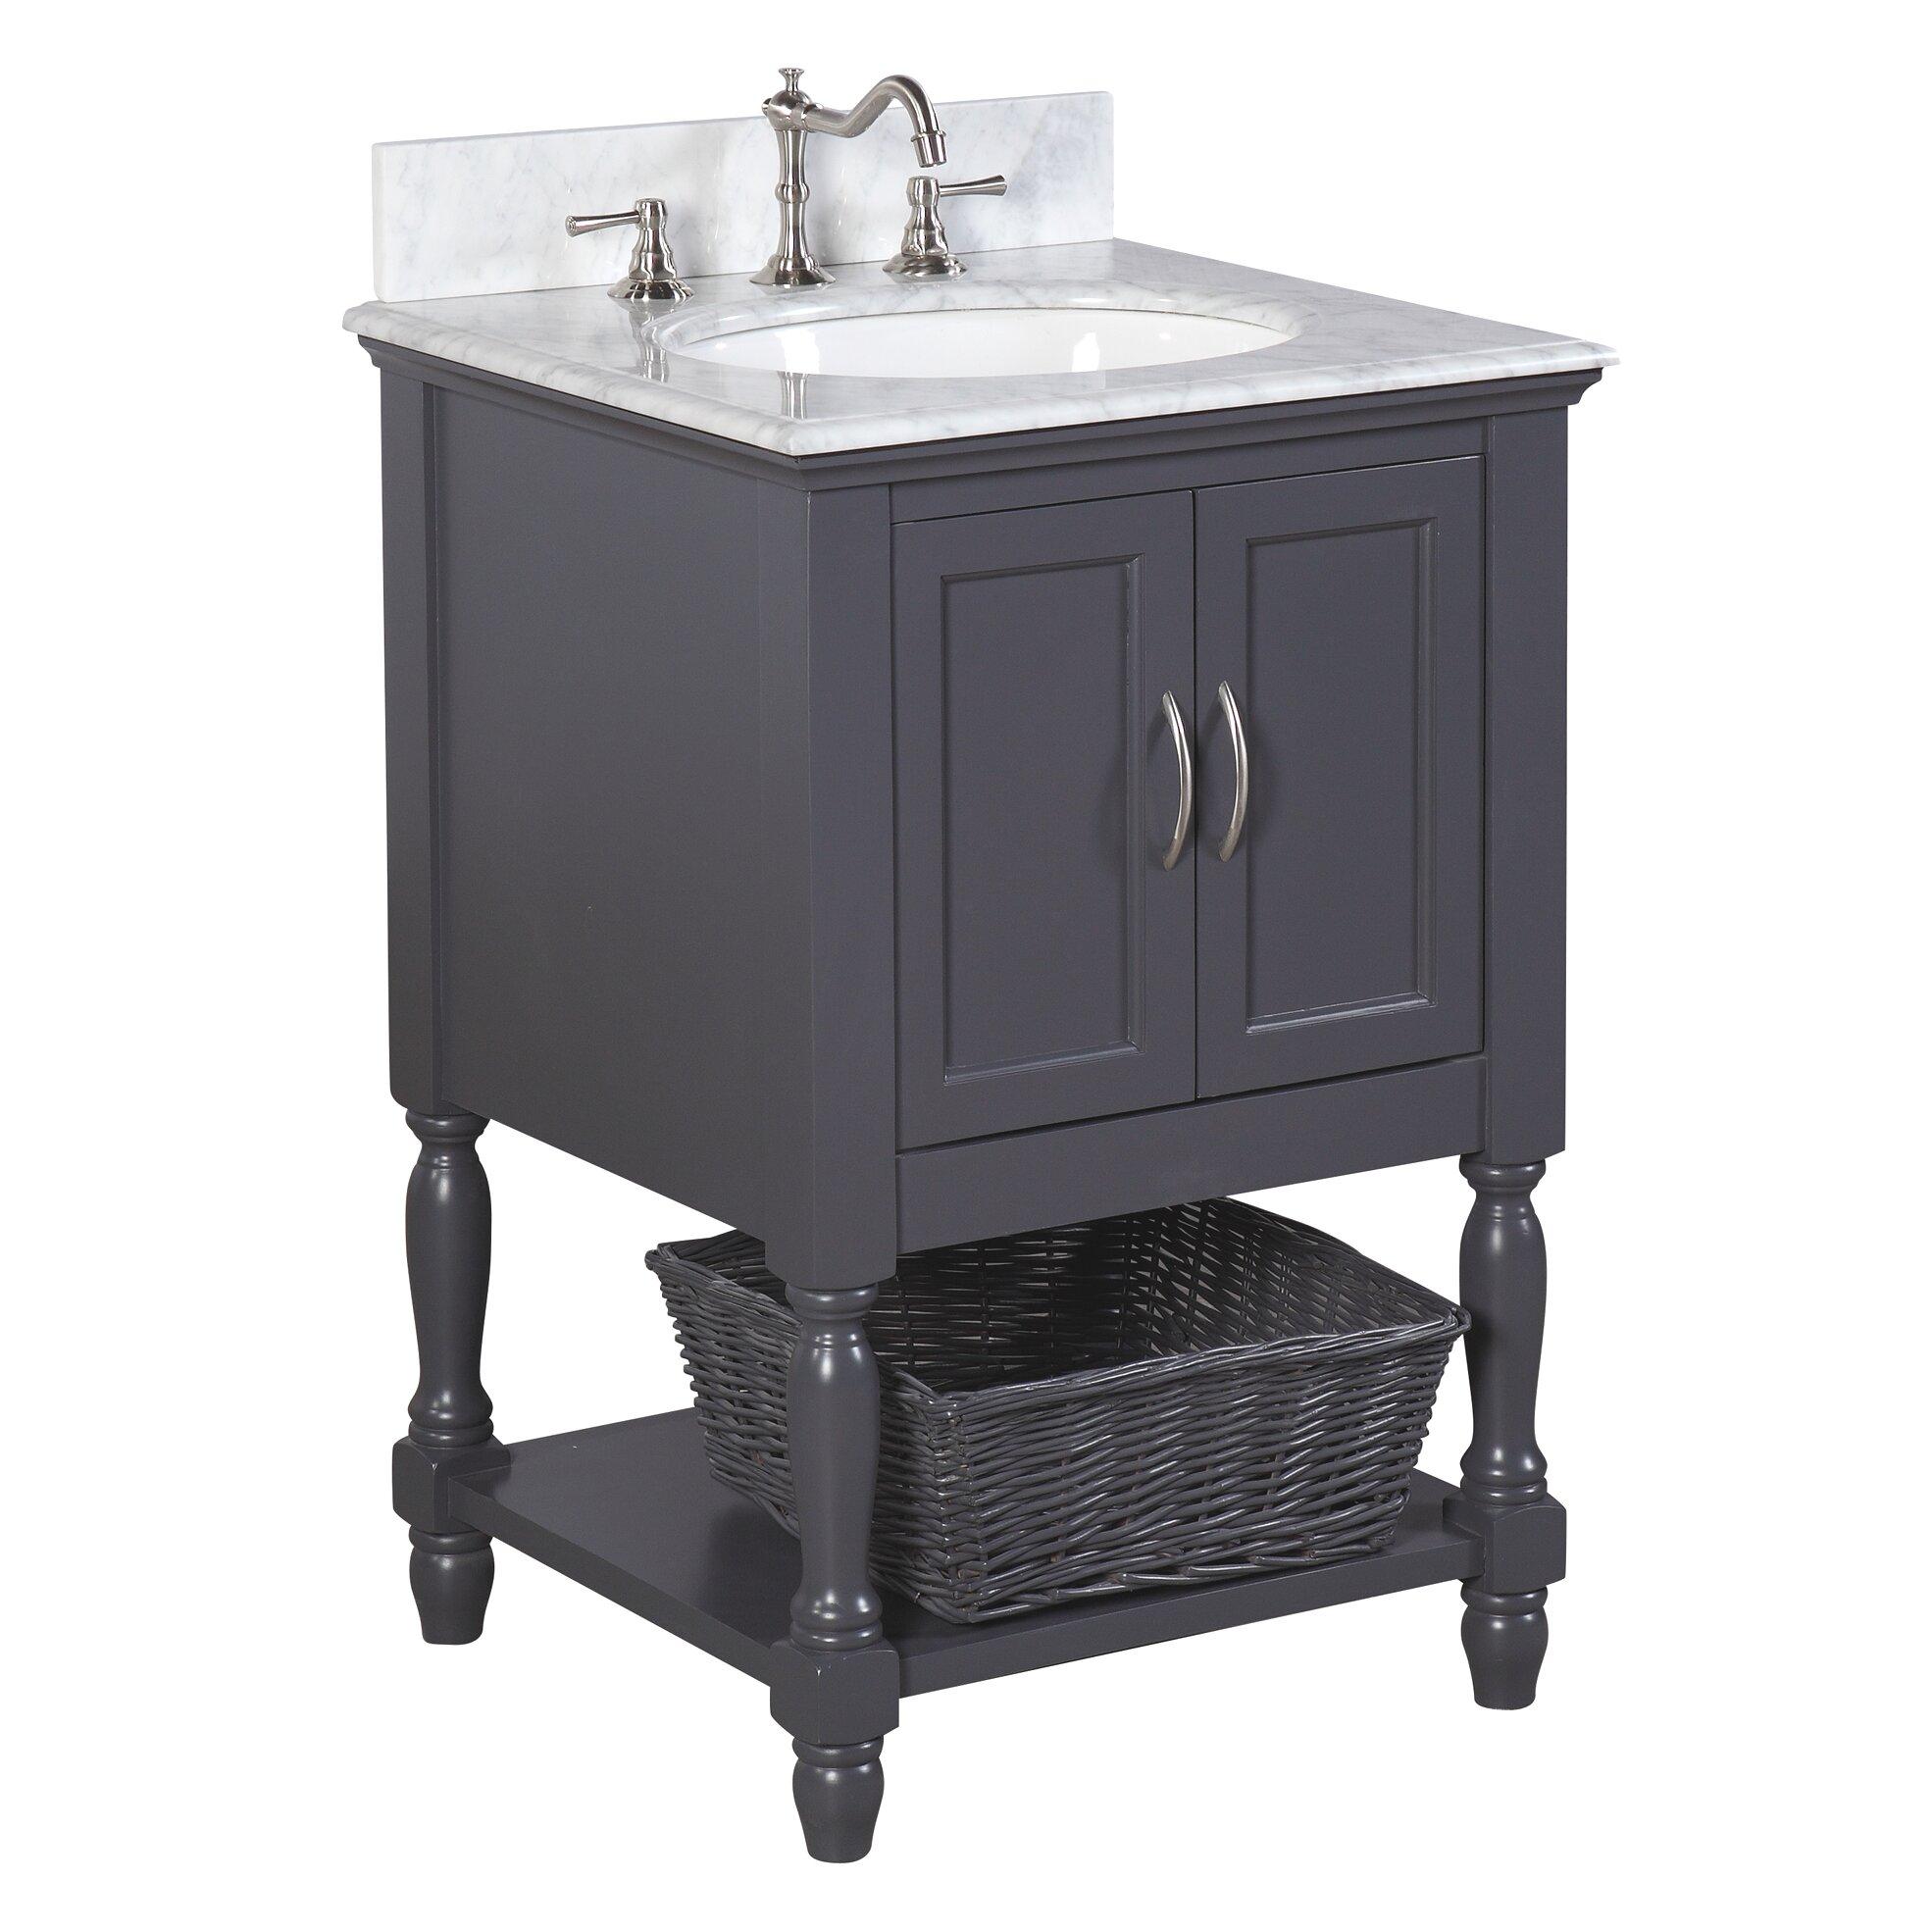 Kbc Beverly 24 Single Bathroom Vanity Set Reviews Wayfair